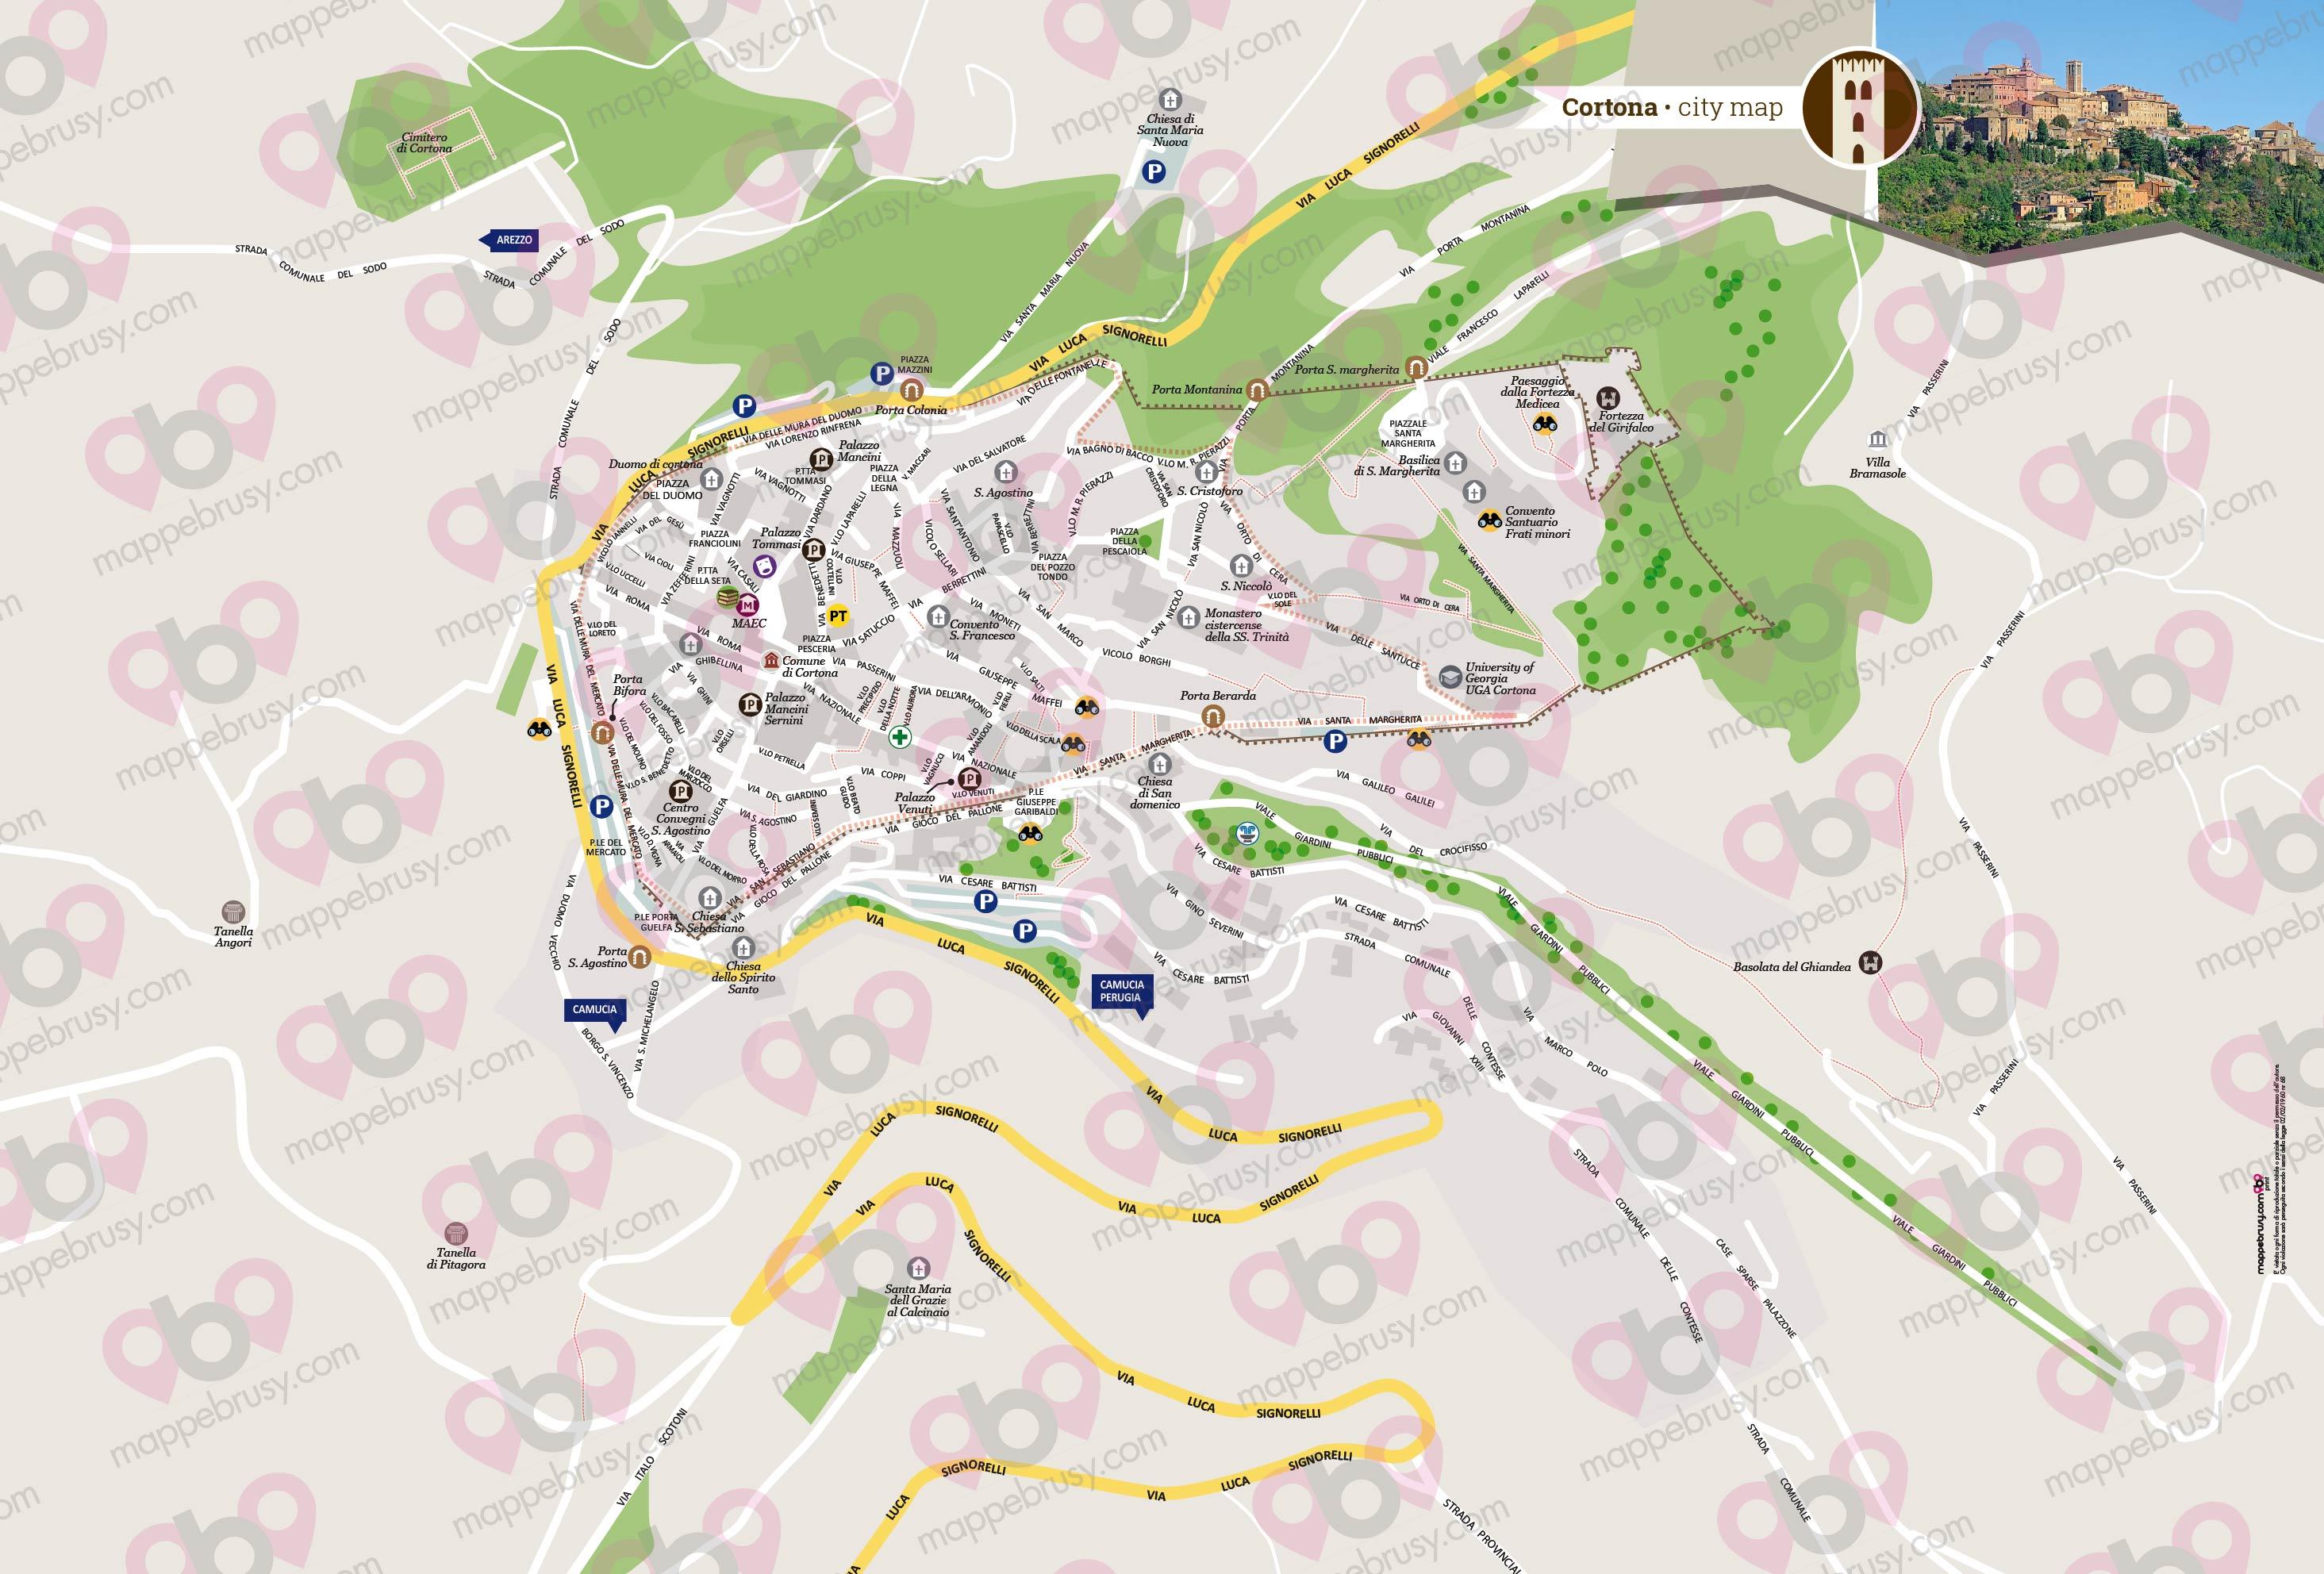 Cortona Cartina Geografica.Mappa Di Cortona Cartina Di Cortona Personalizzata